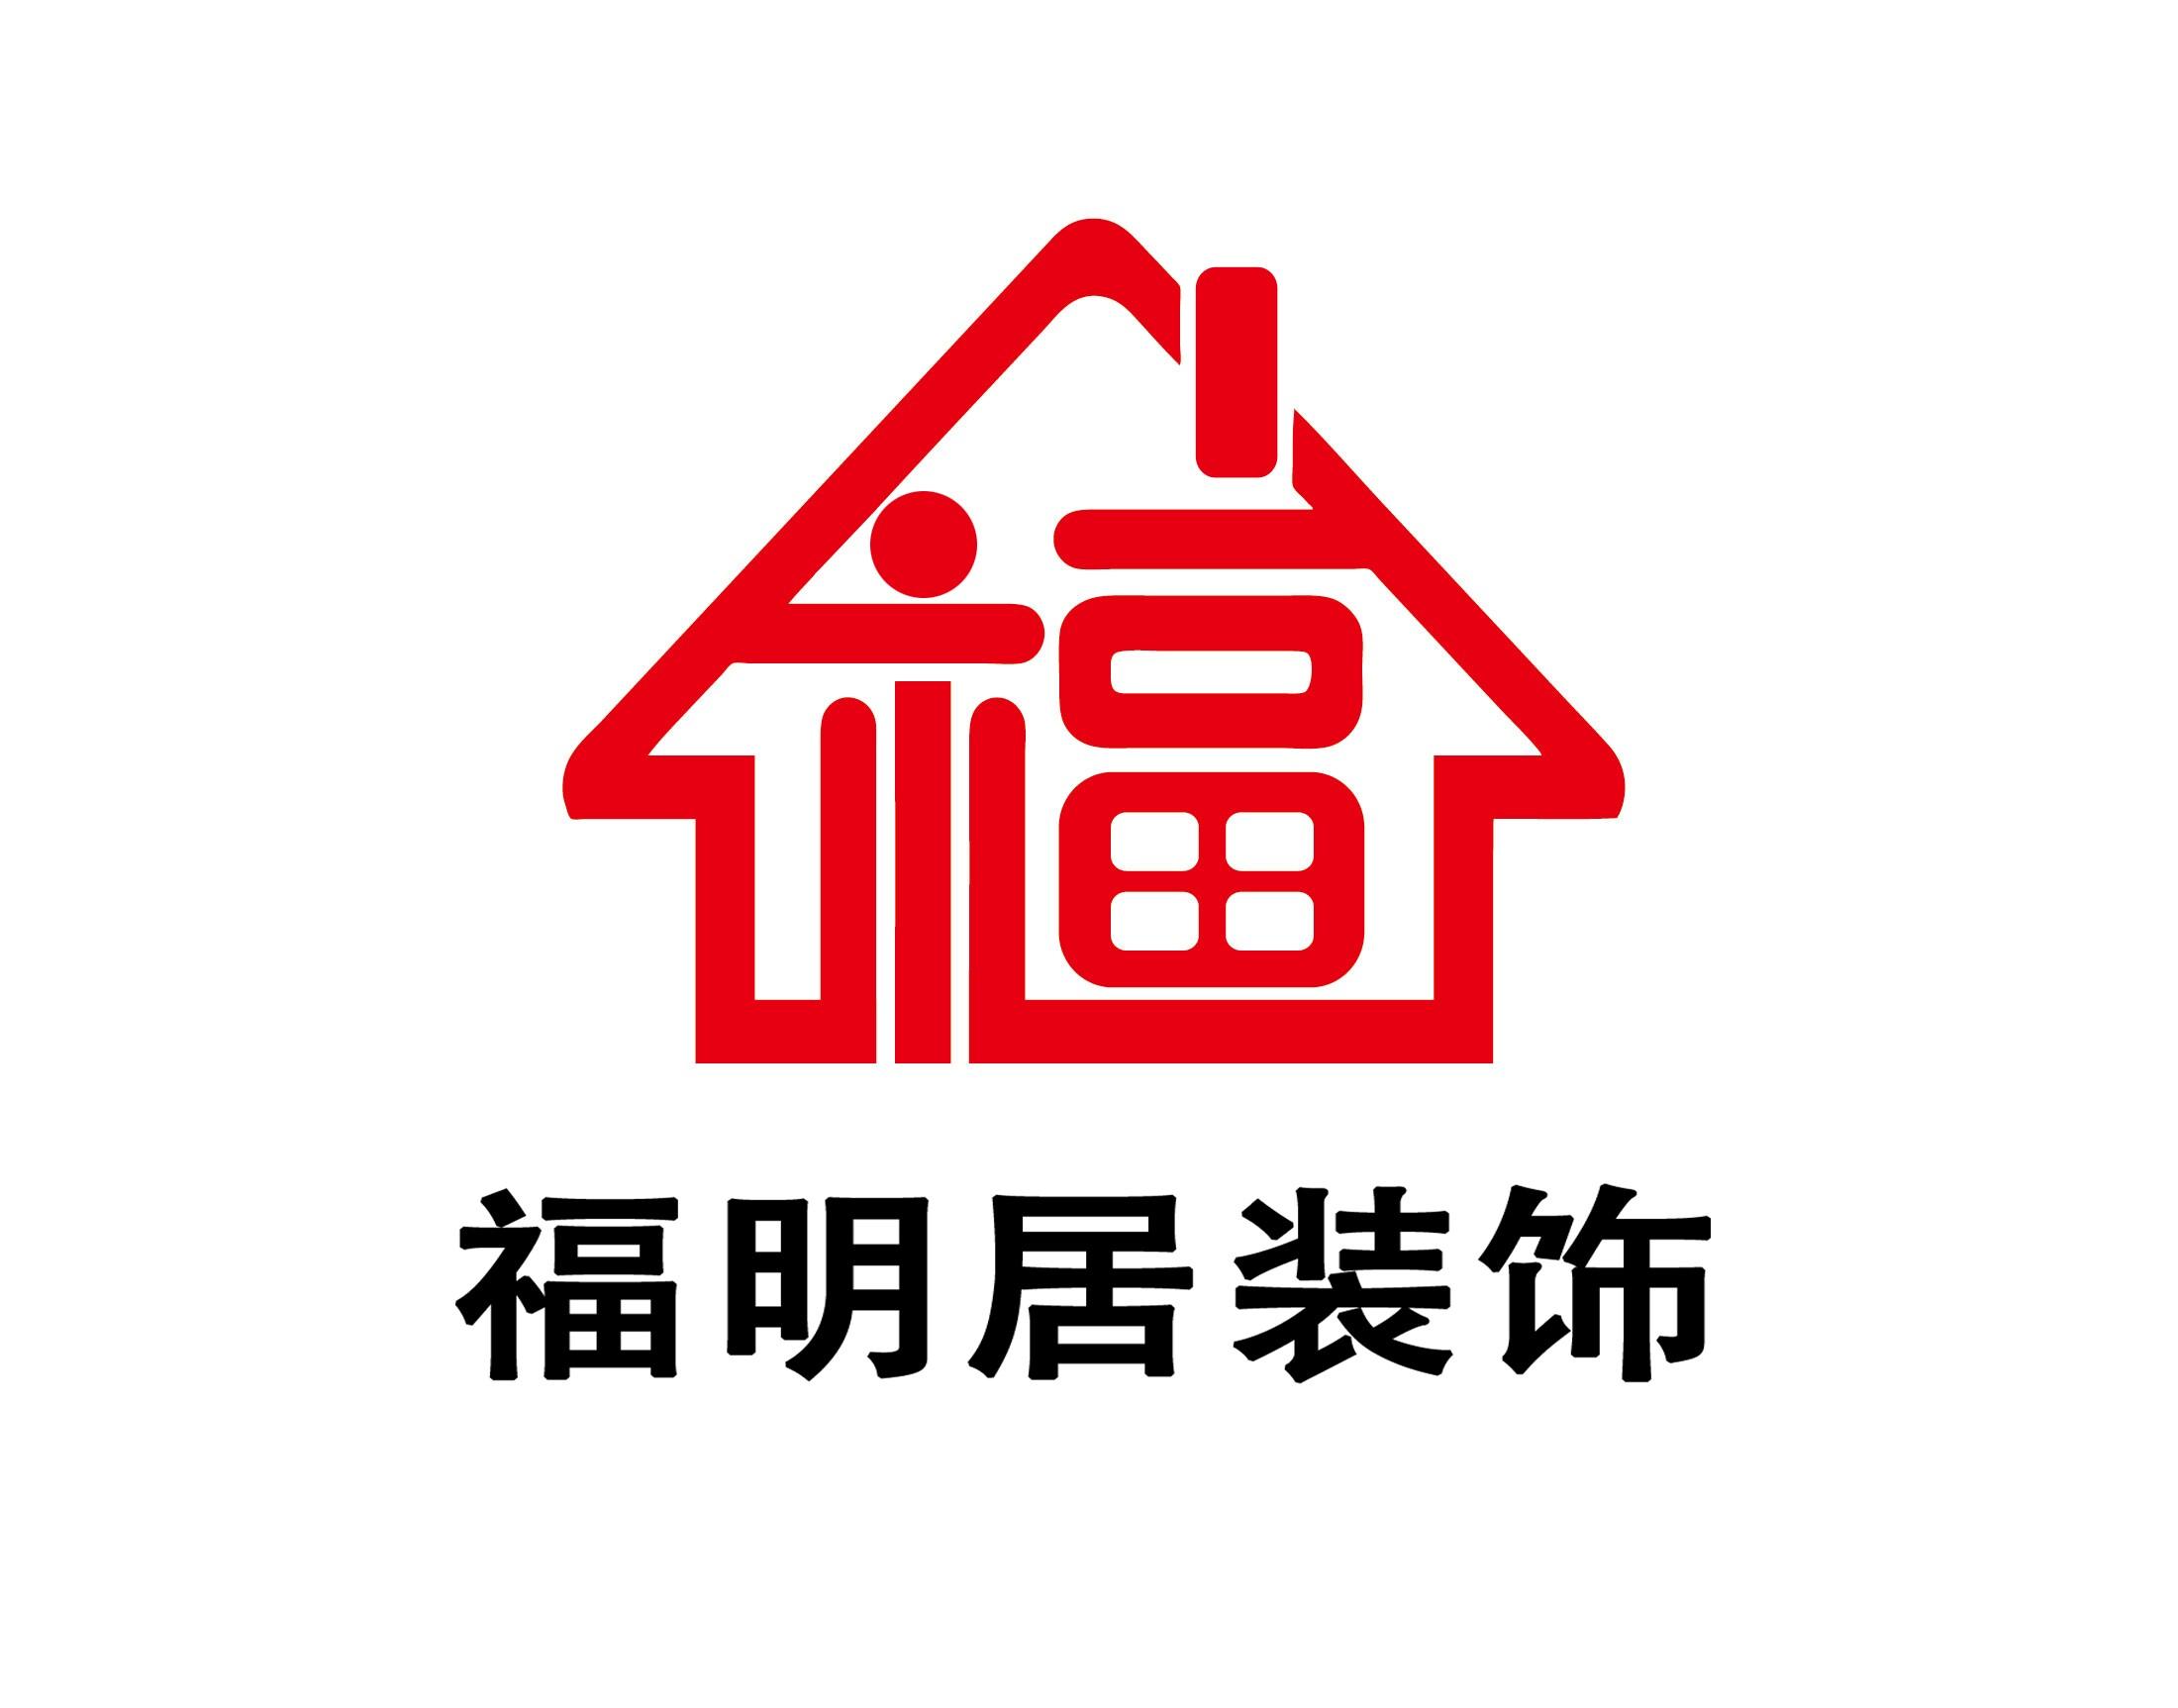 logo logo 标志 设计 矢量 矢量图 素材 图标 2200_1725